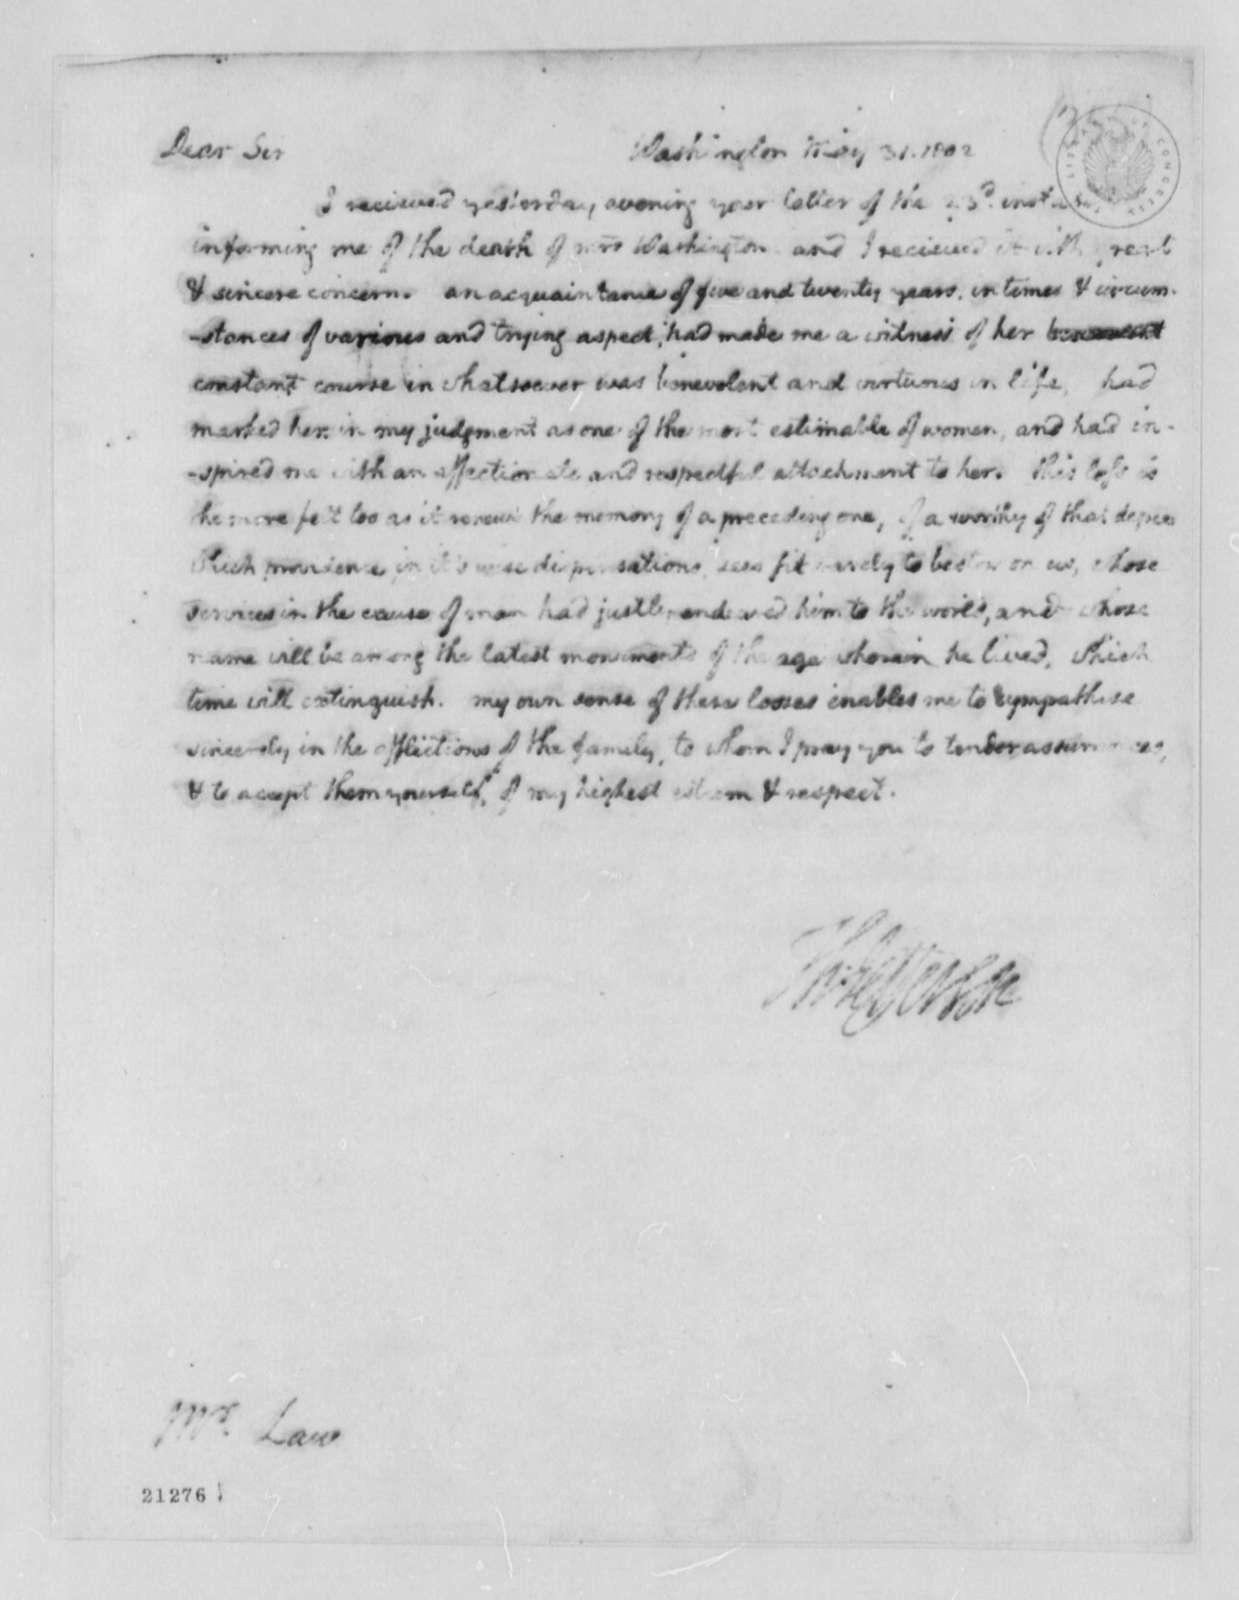 Thomas Jefferson to Thomas Law, May 31, 1802